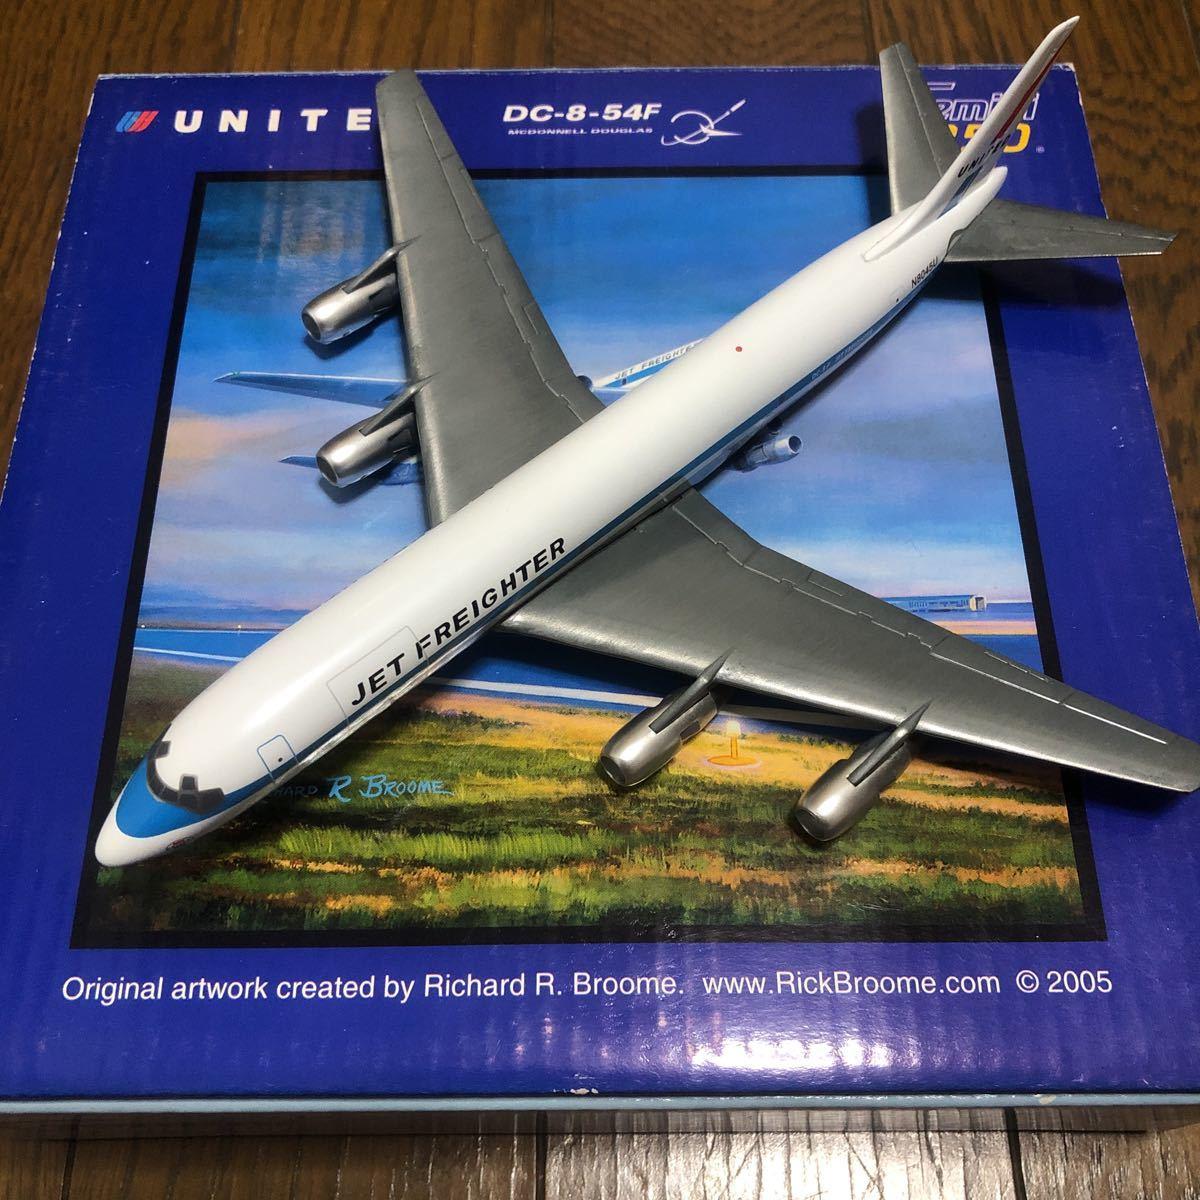 ジェミニ250 1/250 ユナイテッド航空ダグラスDC-8-54F 中古品_画像4